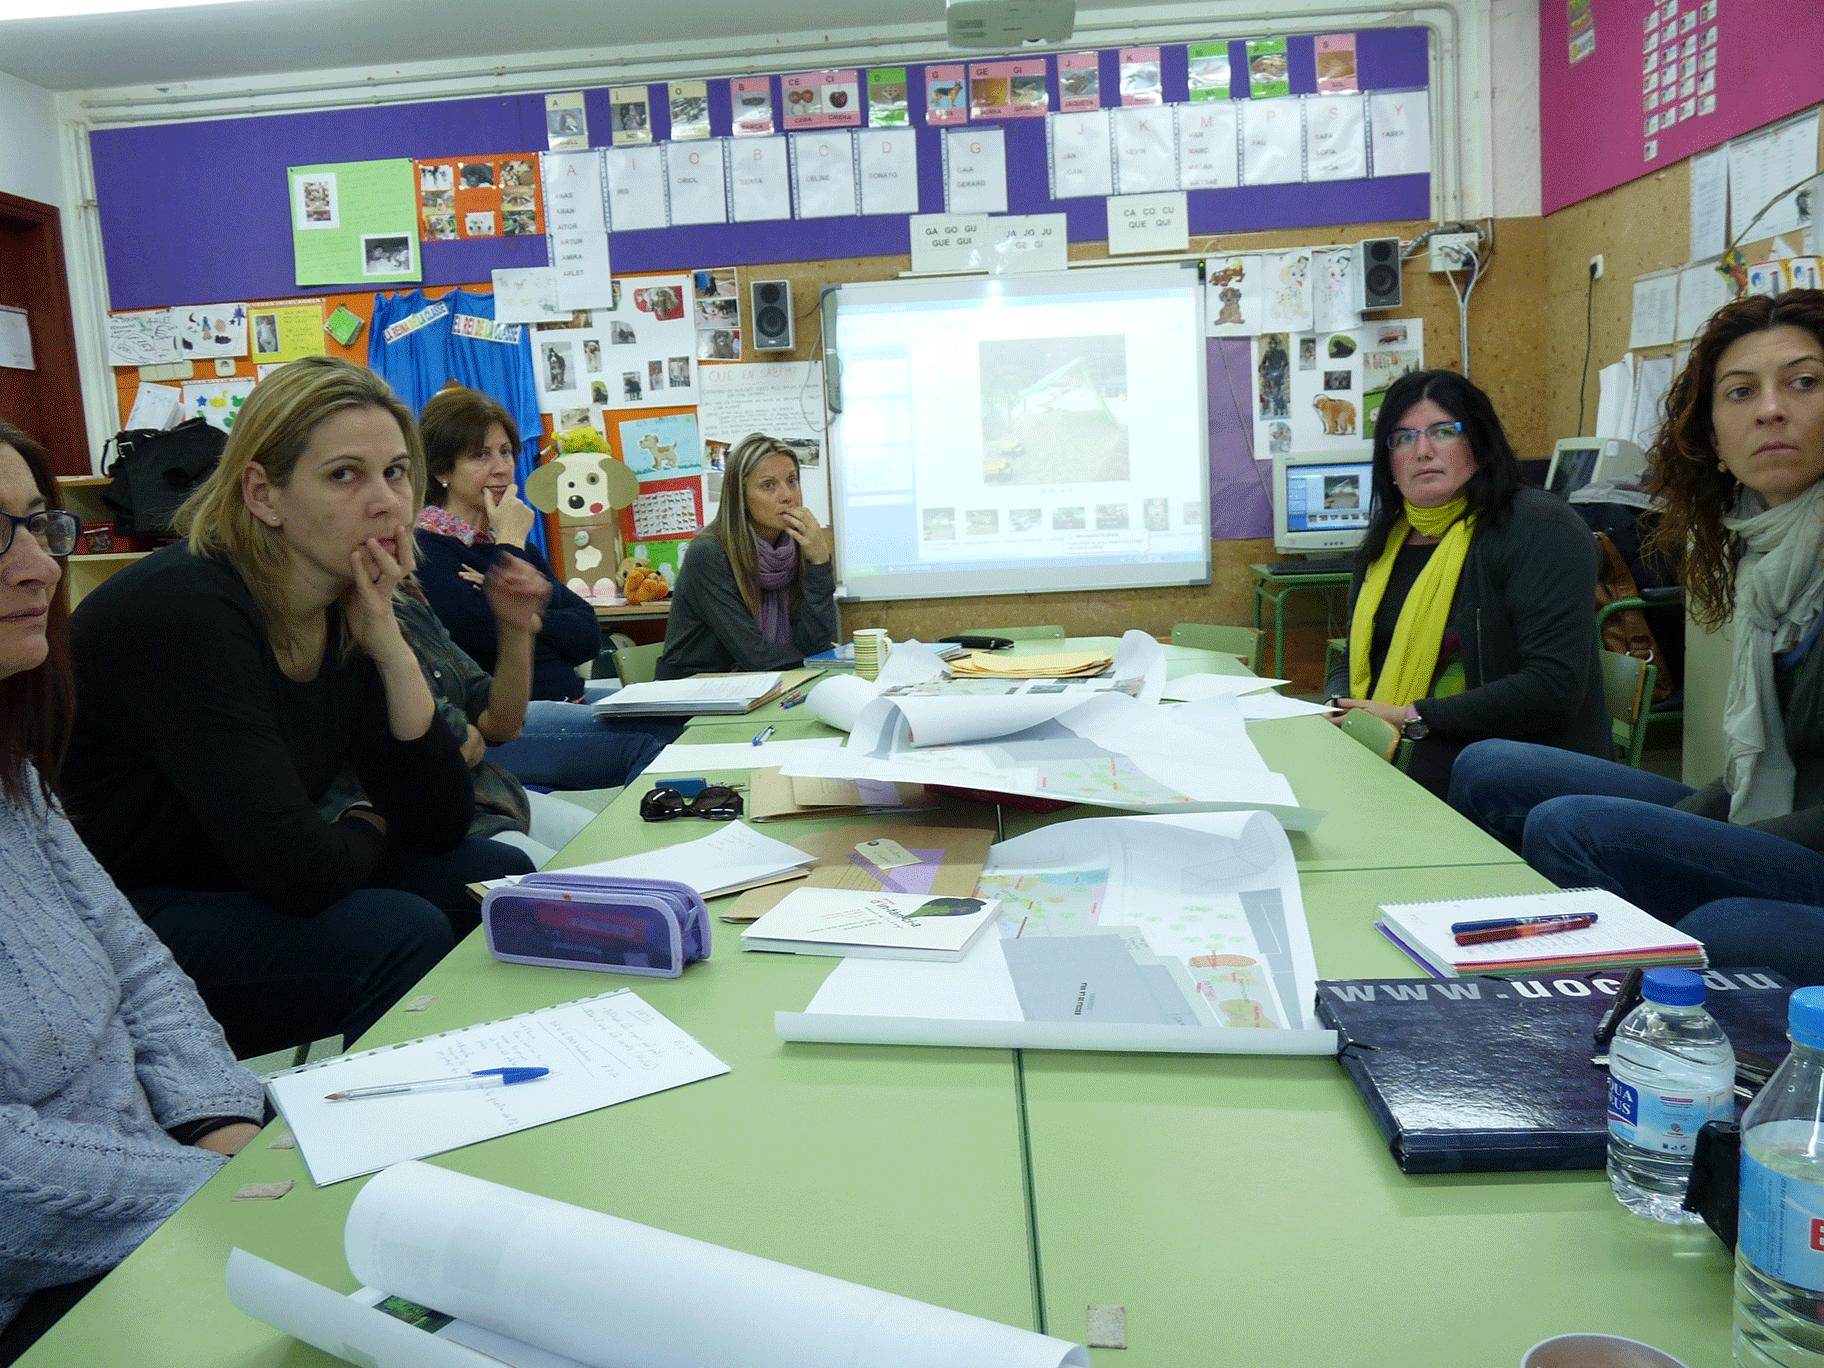 Març de 2014: L'equip de mestres es mostra inquiet i s'autoexigeix una formació per repensar els espais.